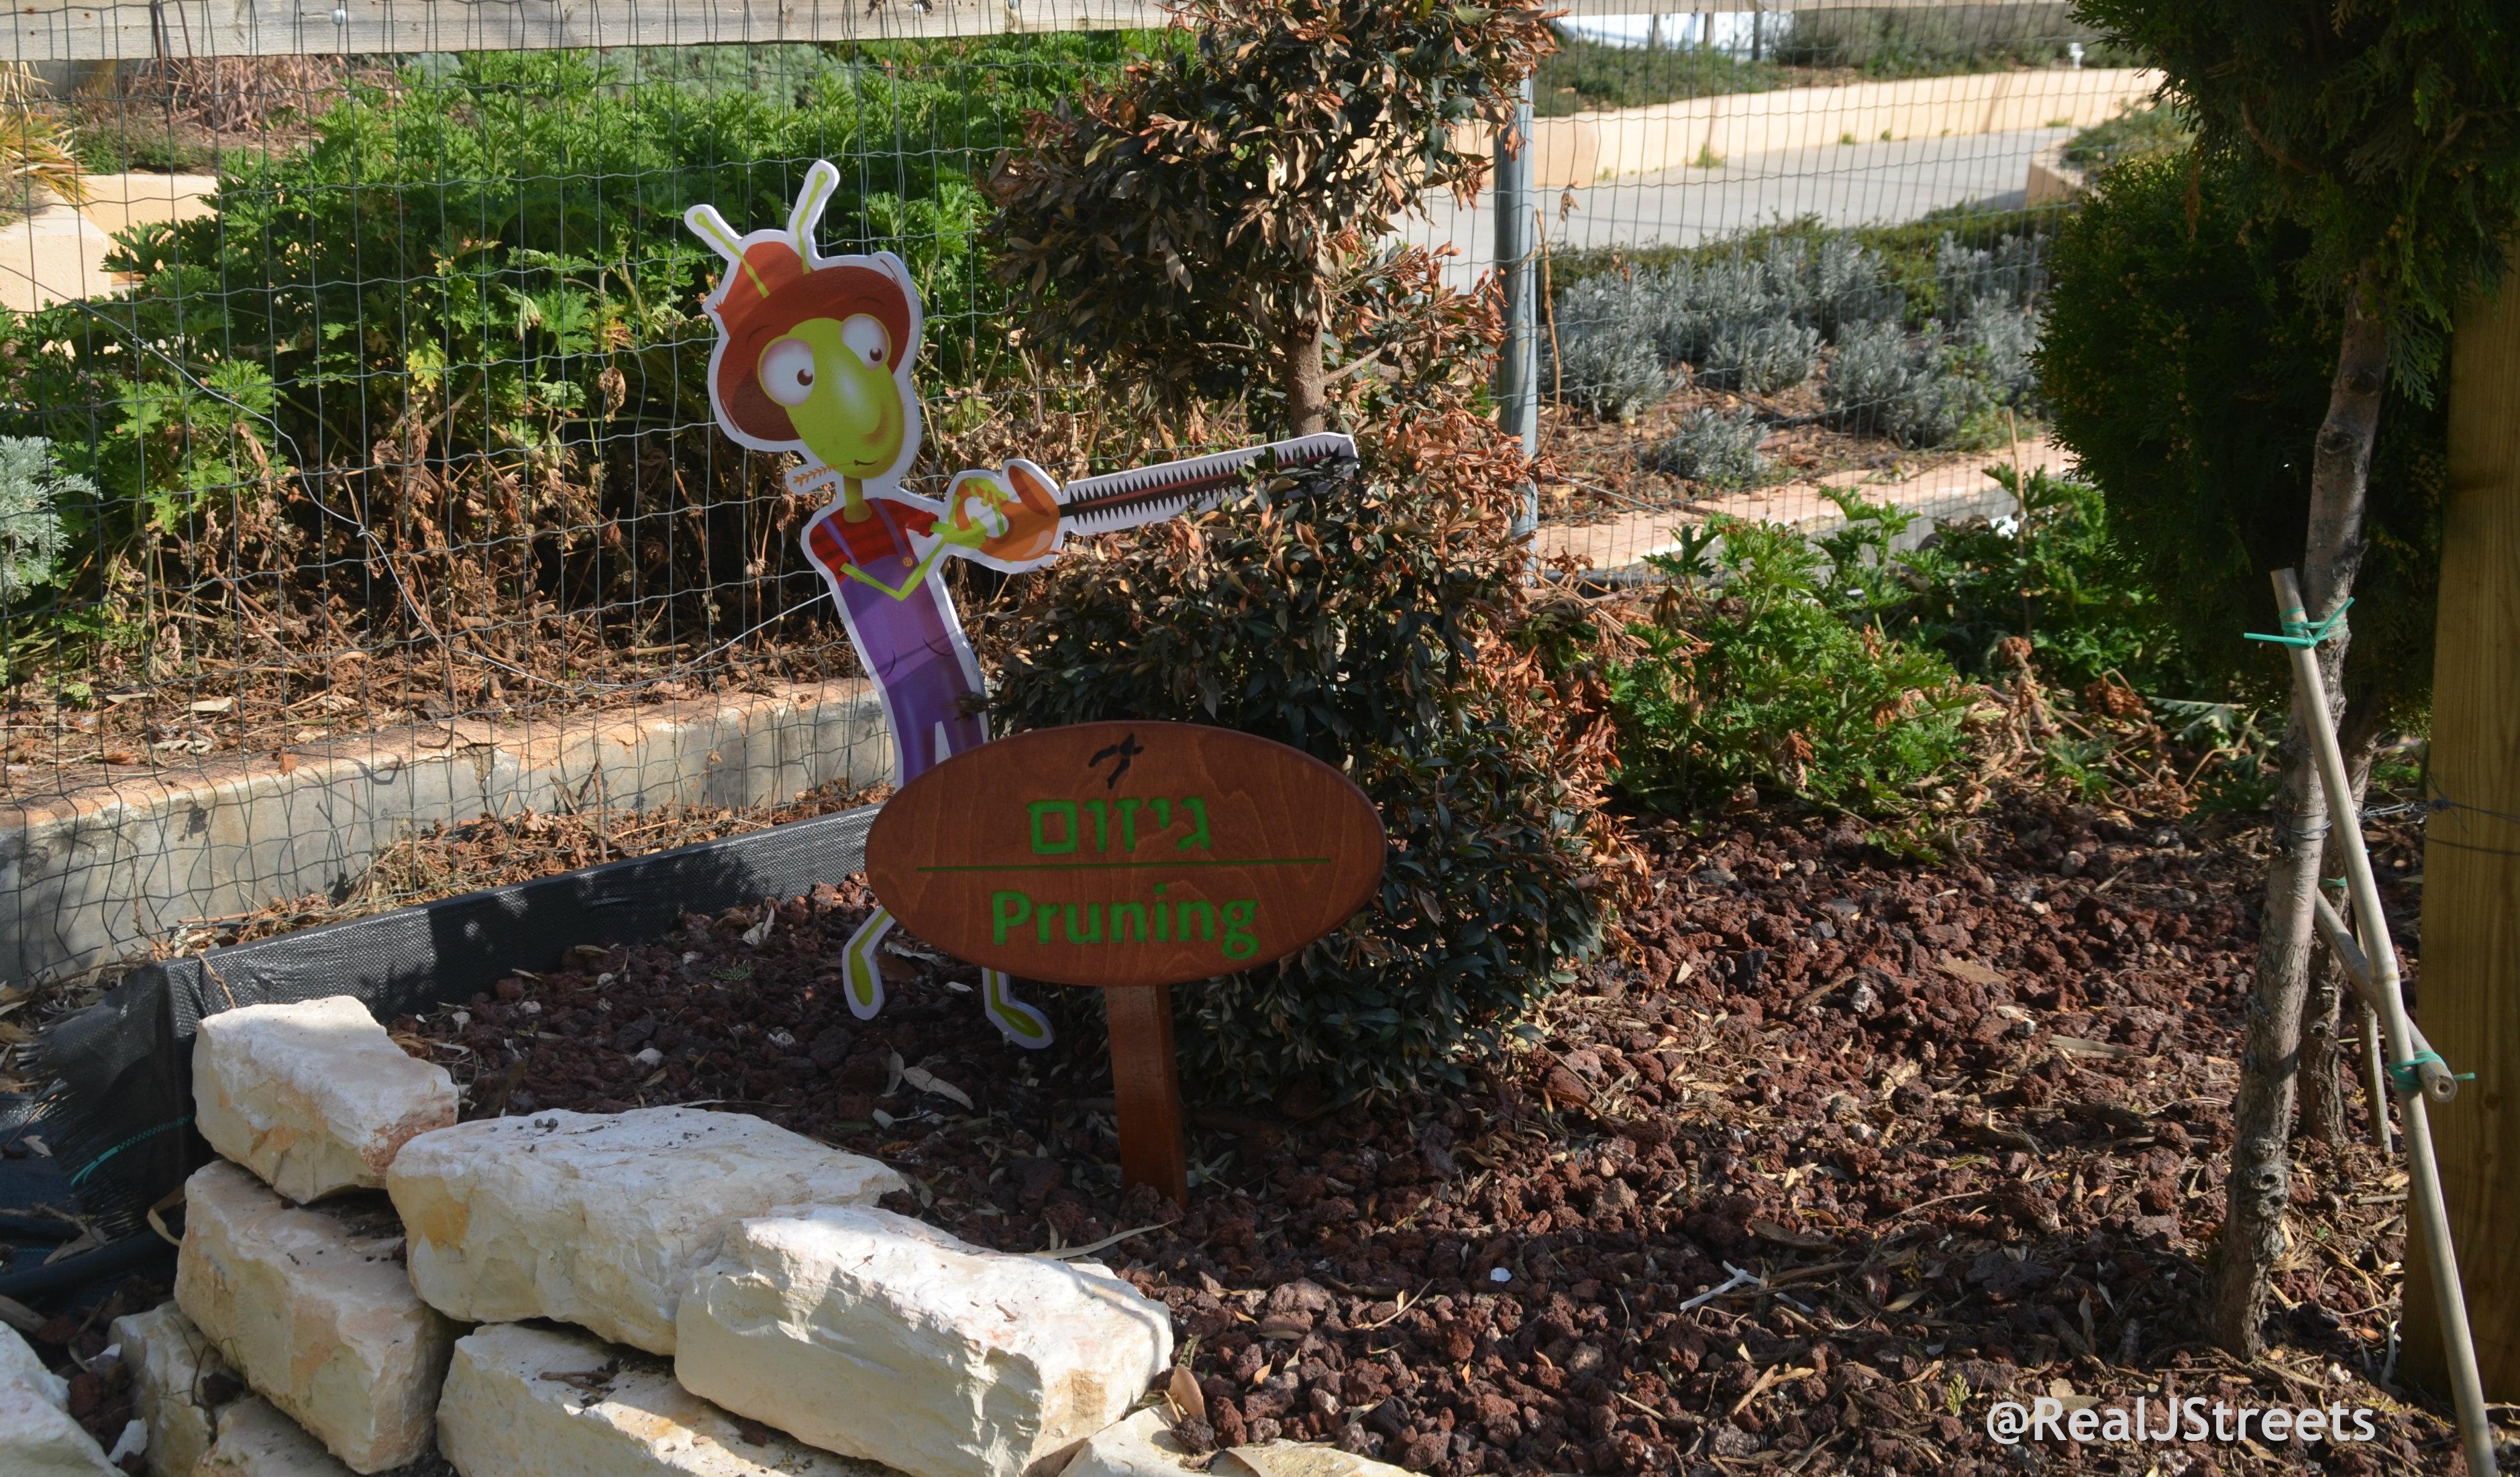 image in shmita park